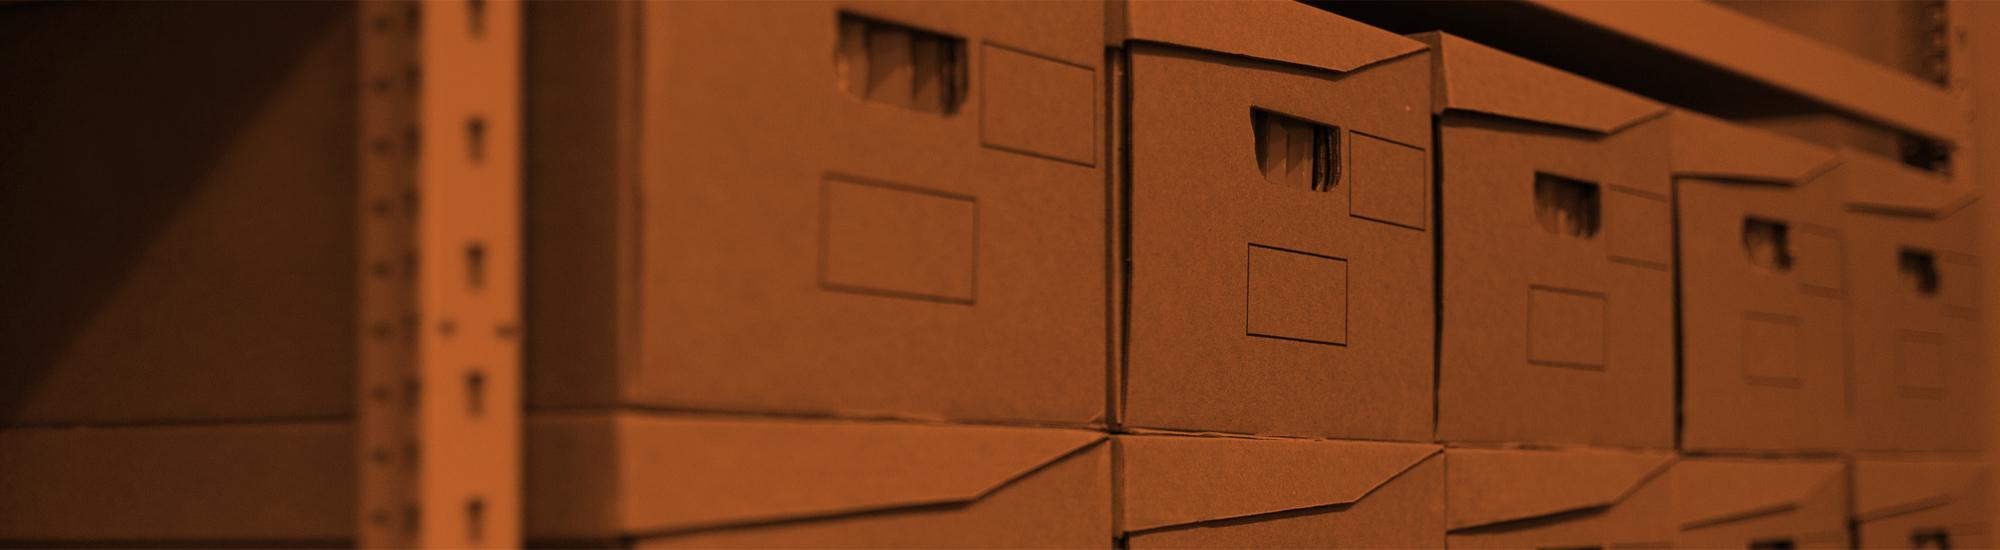 solution système étagère - rangement modulaire bibliothèque